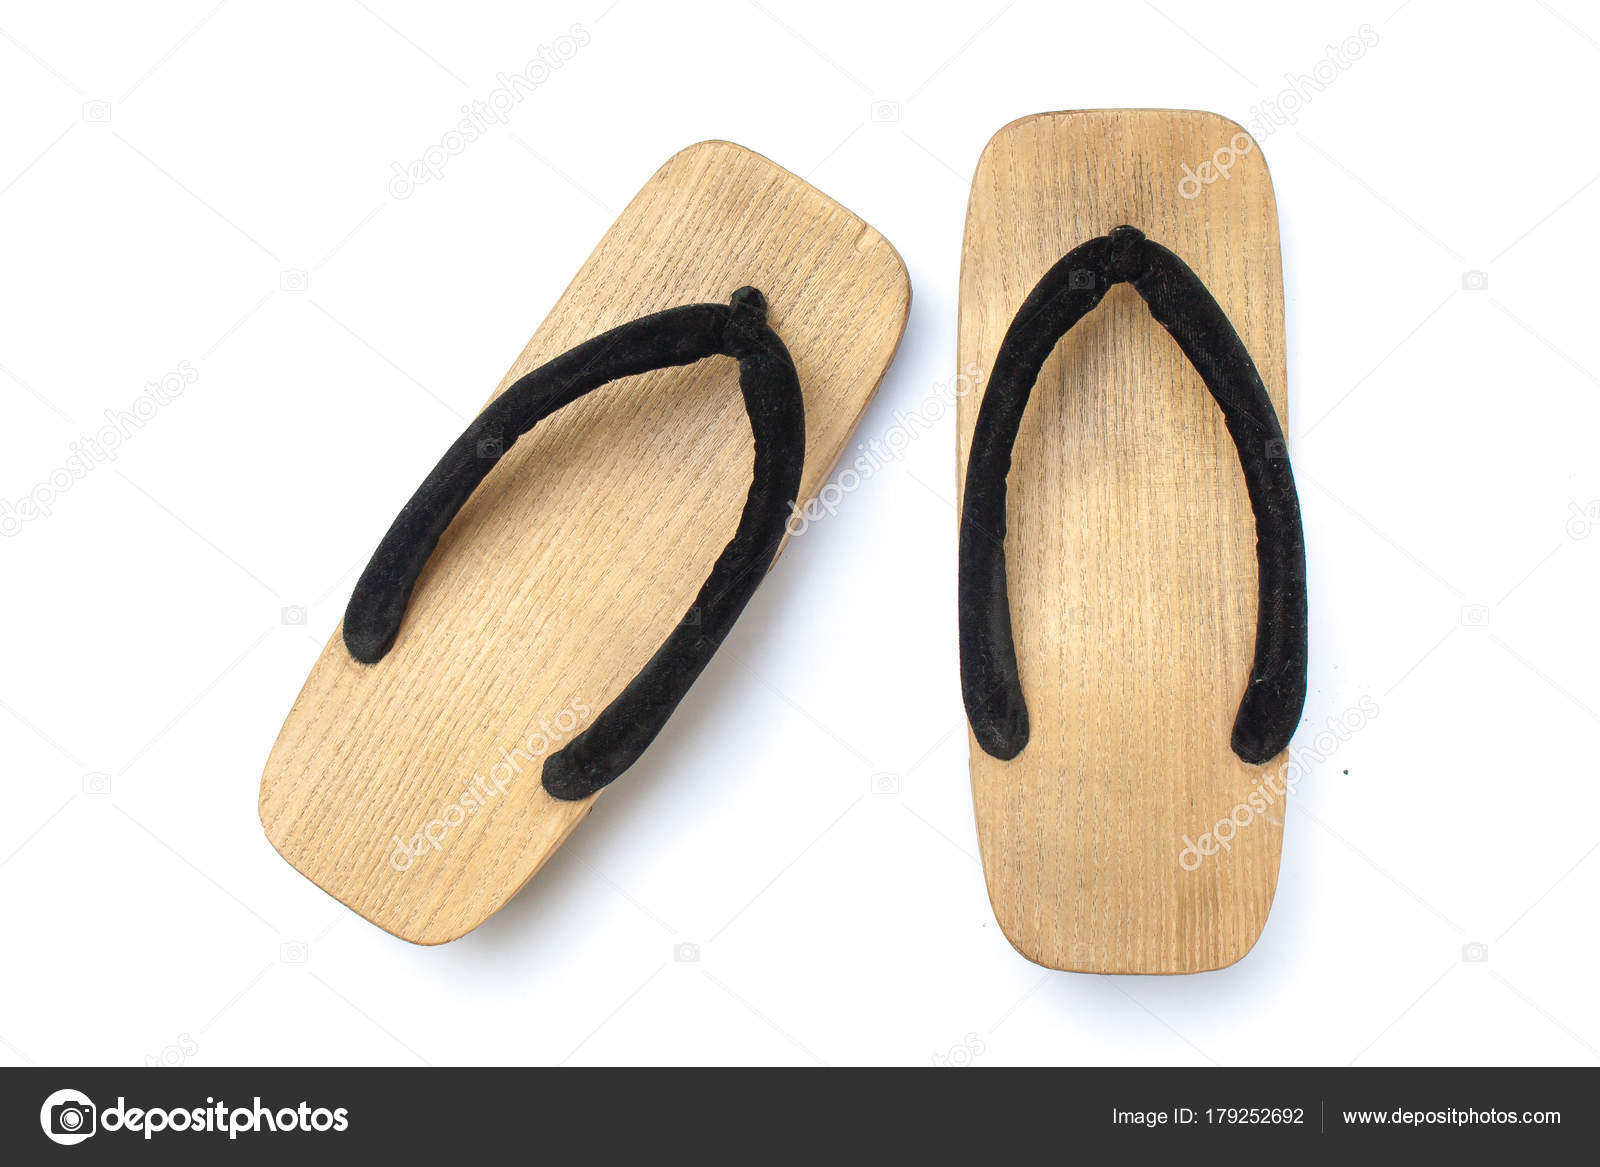 30bff2dc3b Sandália japonesa de madeira velha isolada no fundo branco. É uma forma de  calçado japonês tradicional que se assemelham a ambos os tamancos e chinelos  ...